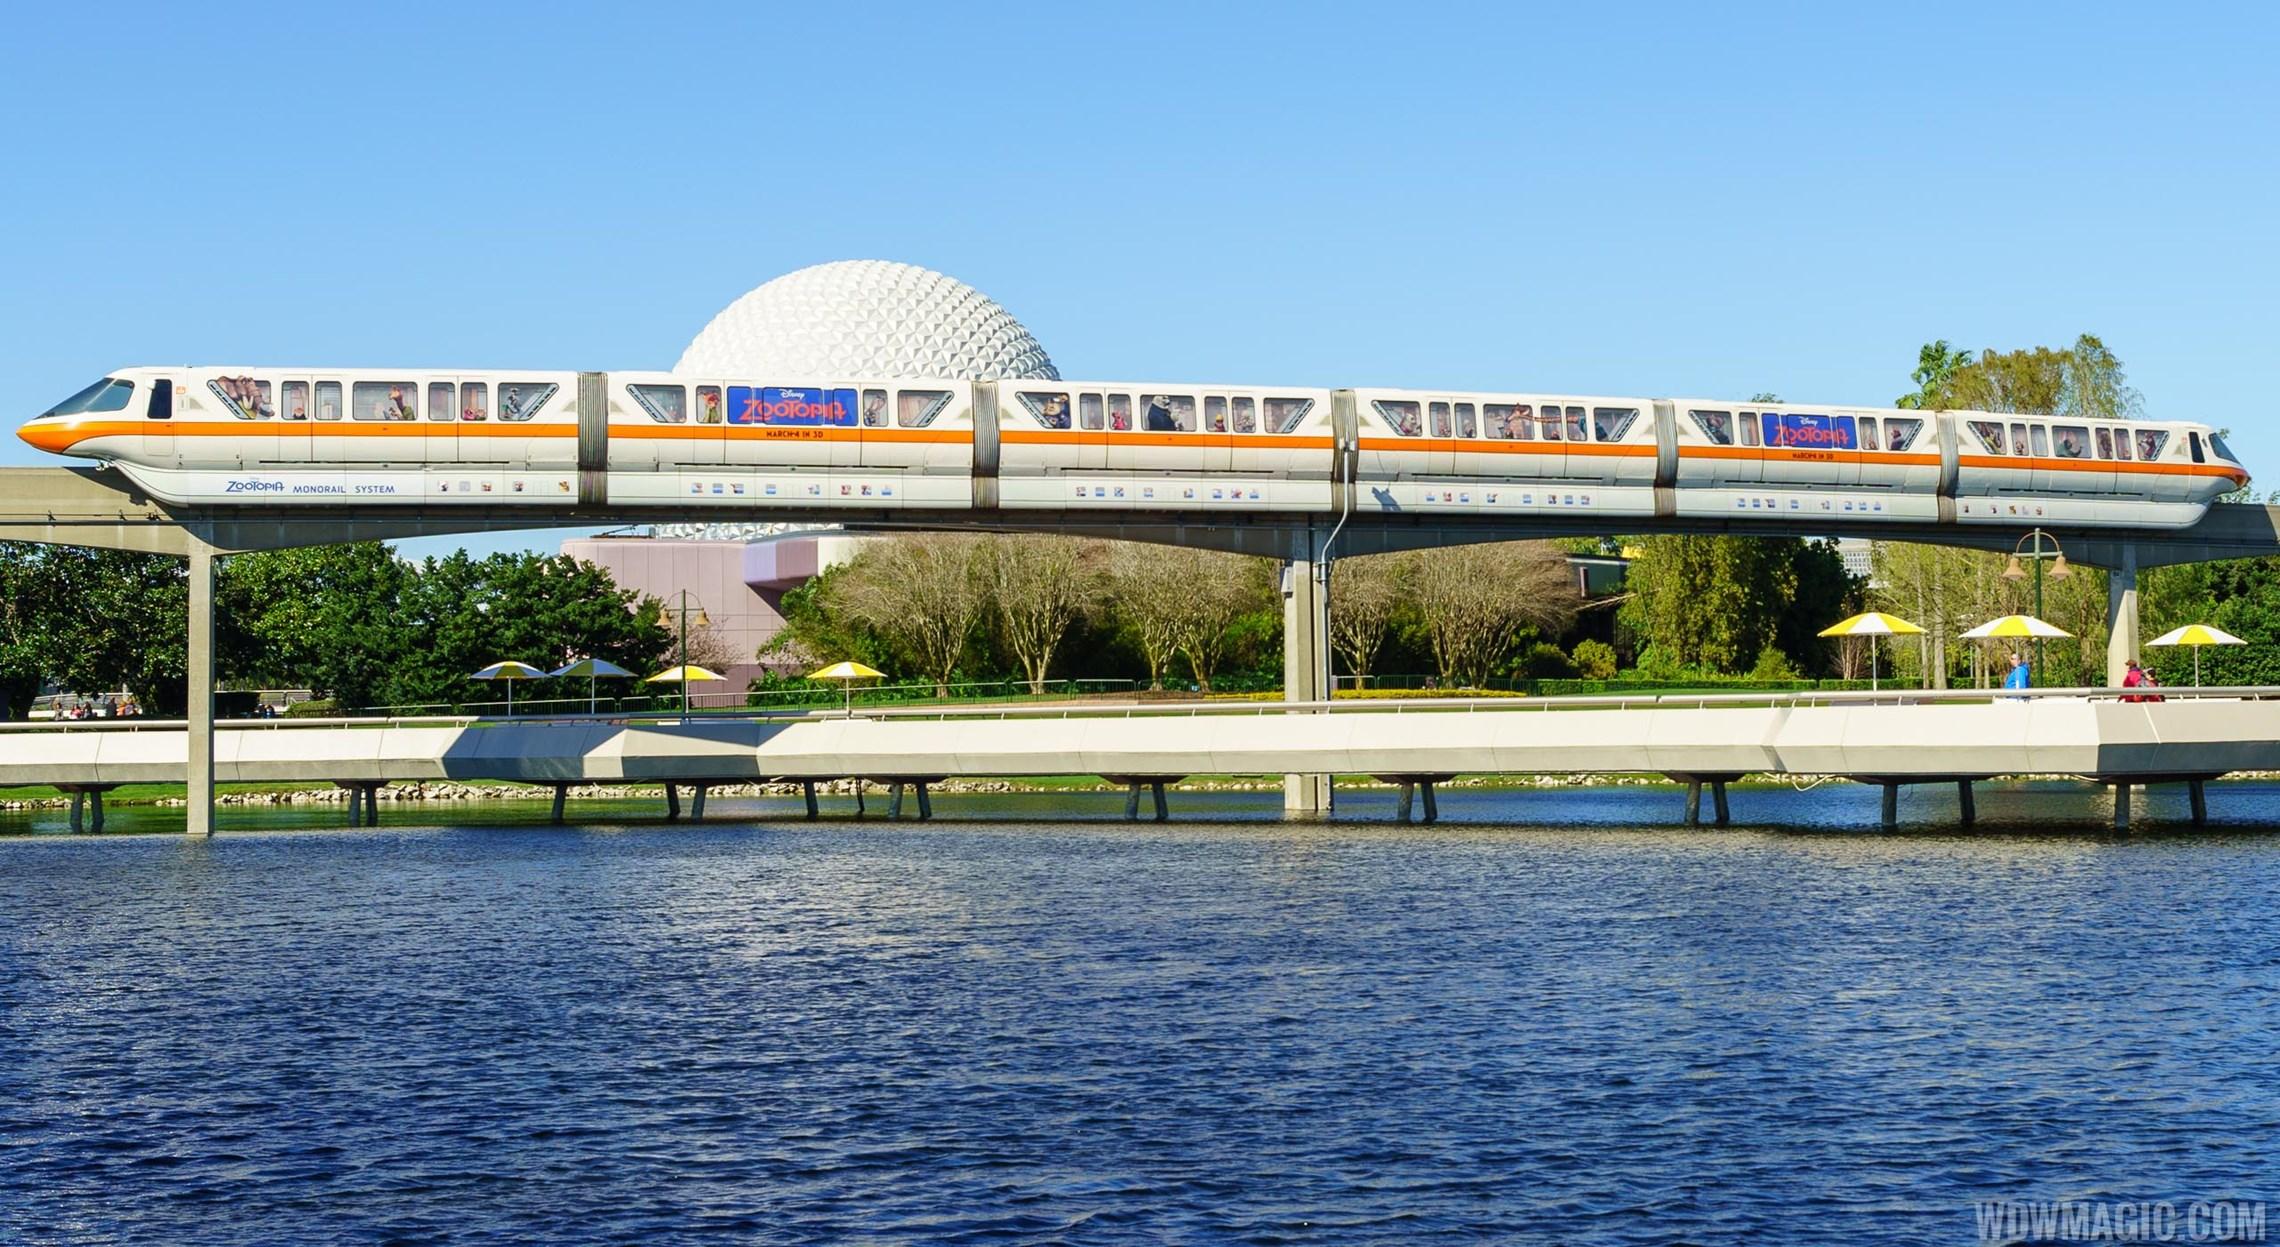 Zootopia Monorail System